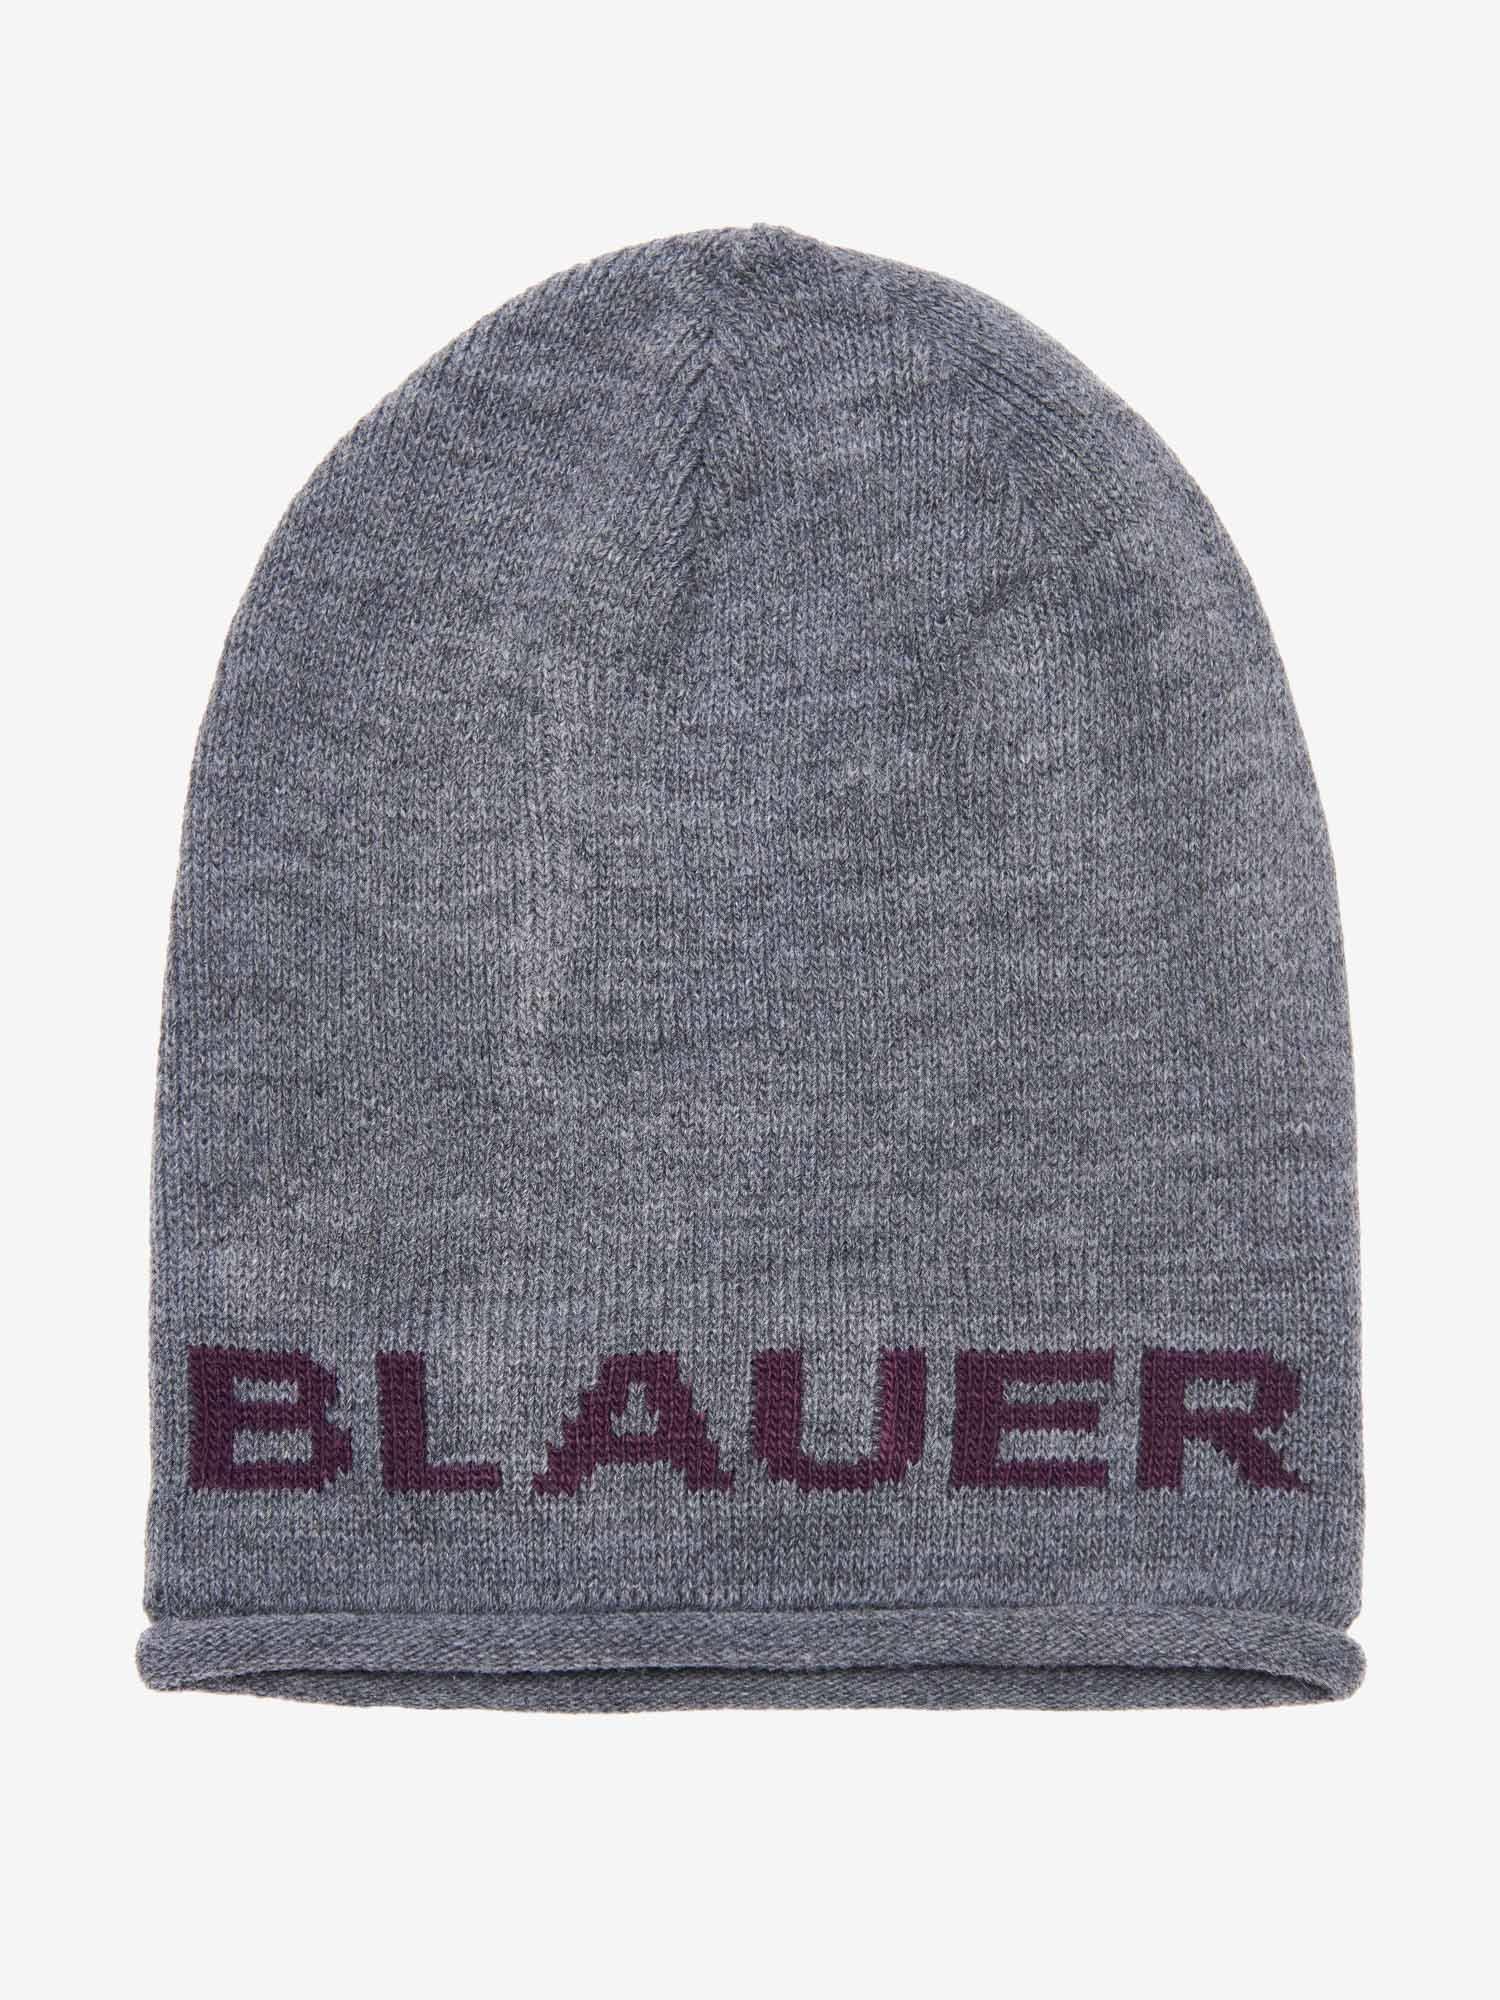 Blauer - BERRETTO  BLAUER - Grigio Scuro Melange - Blauer